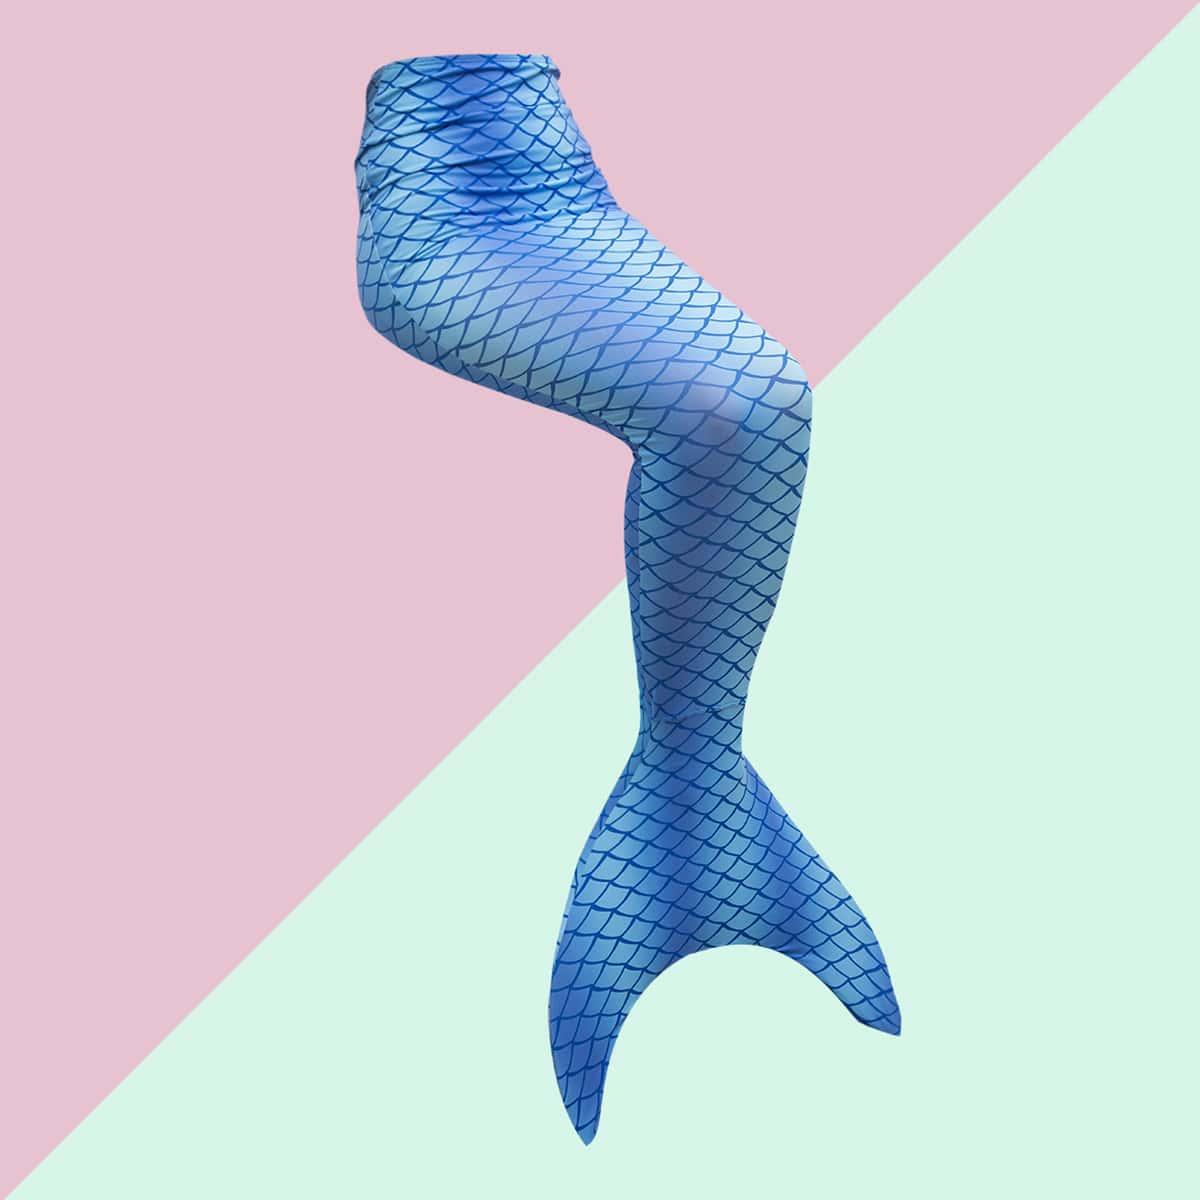 Юбка в форме хвоста русалки для девочек